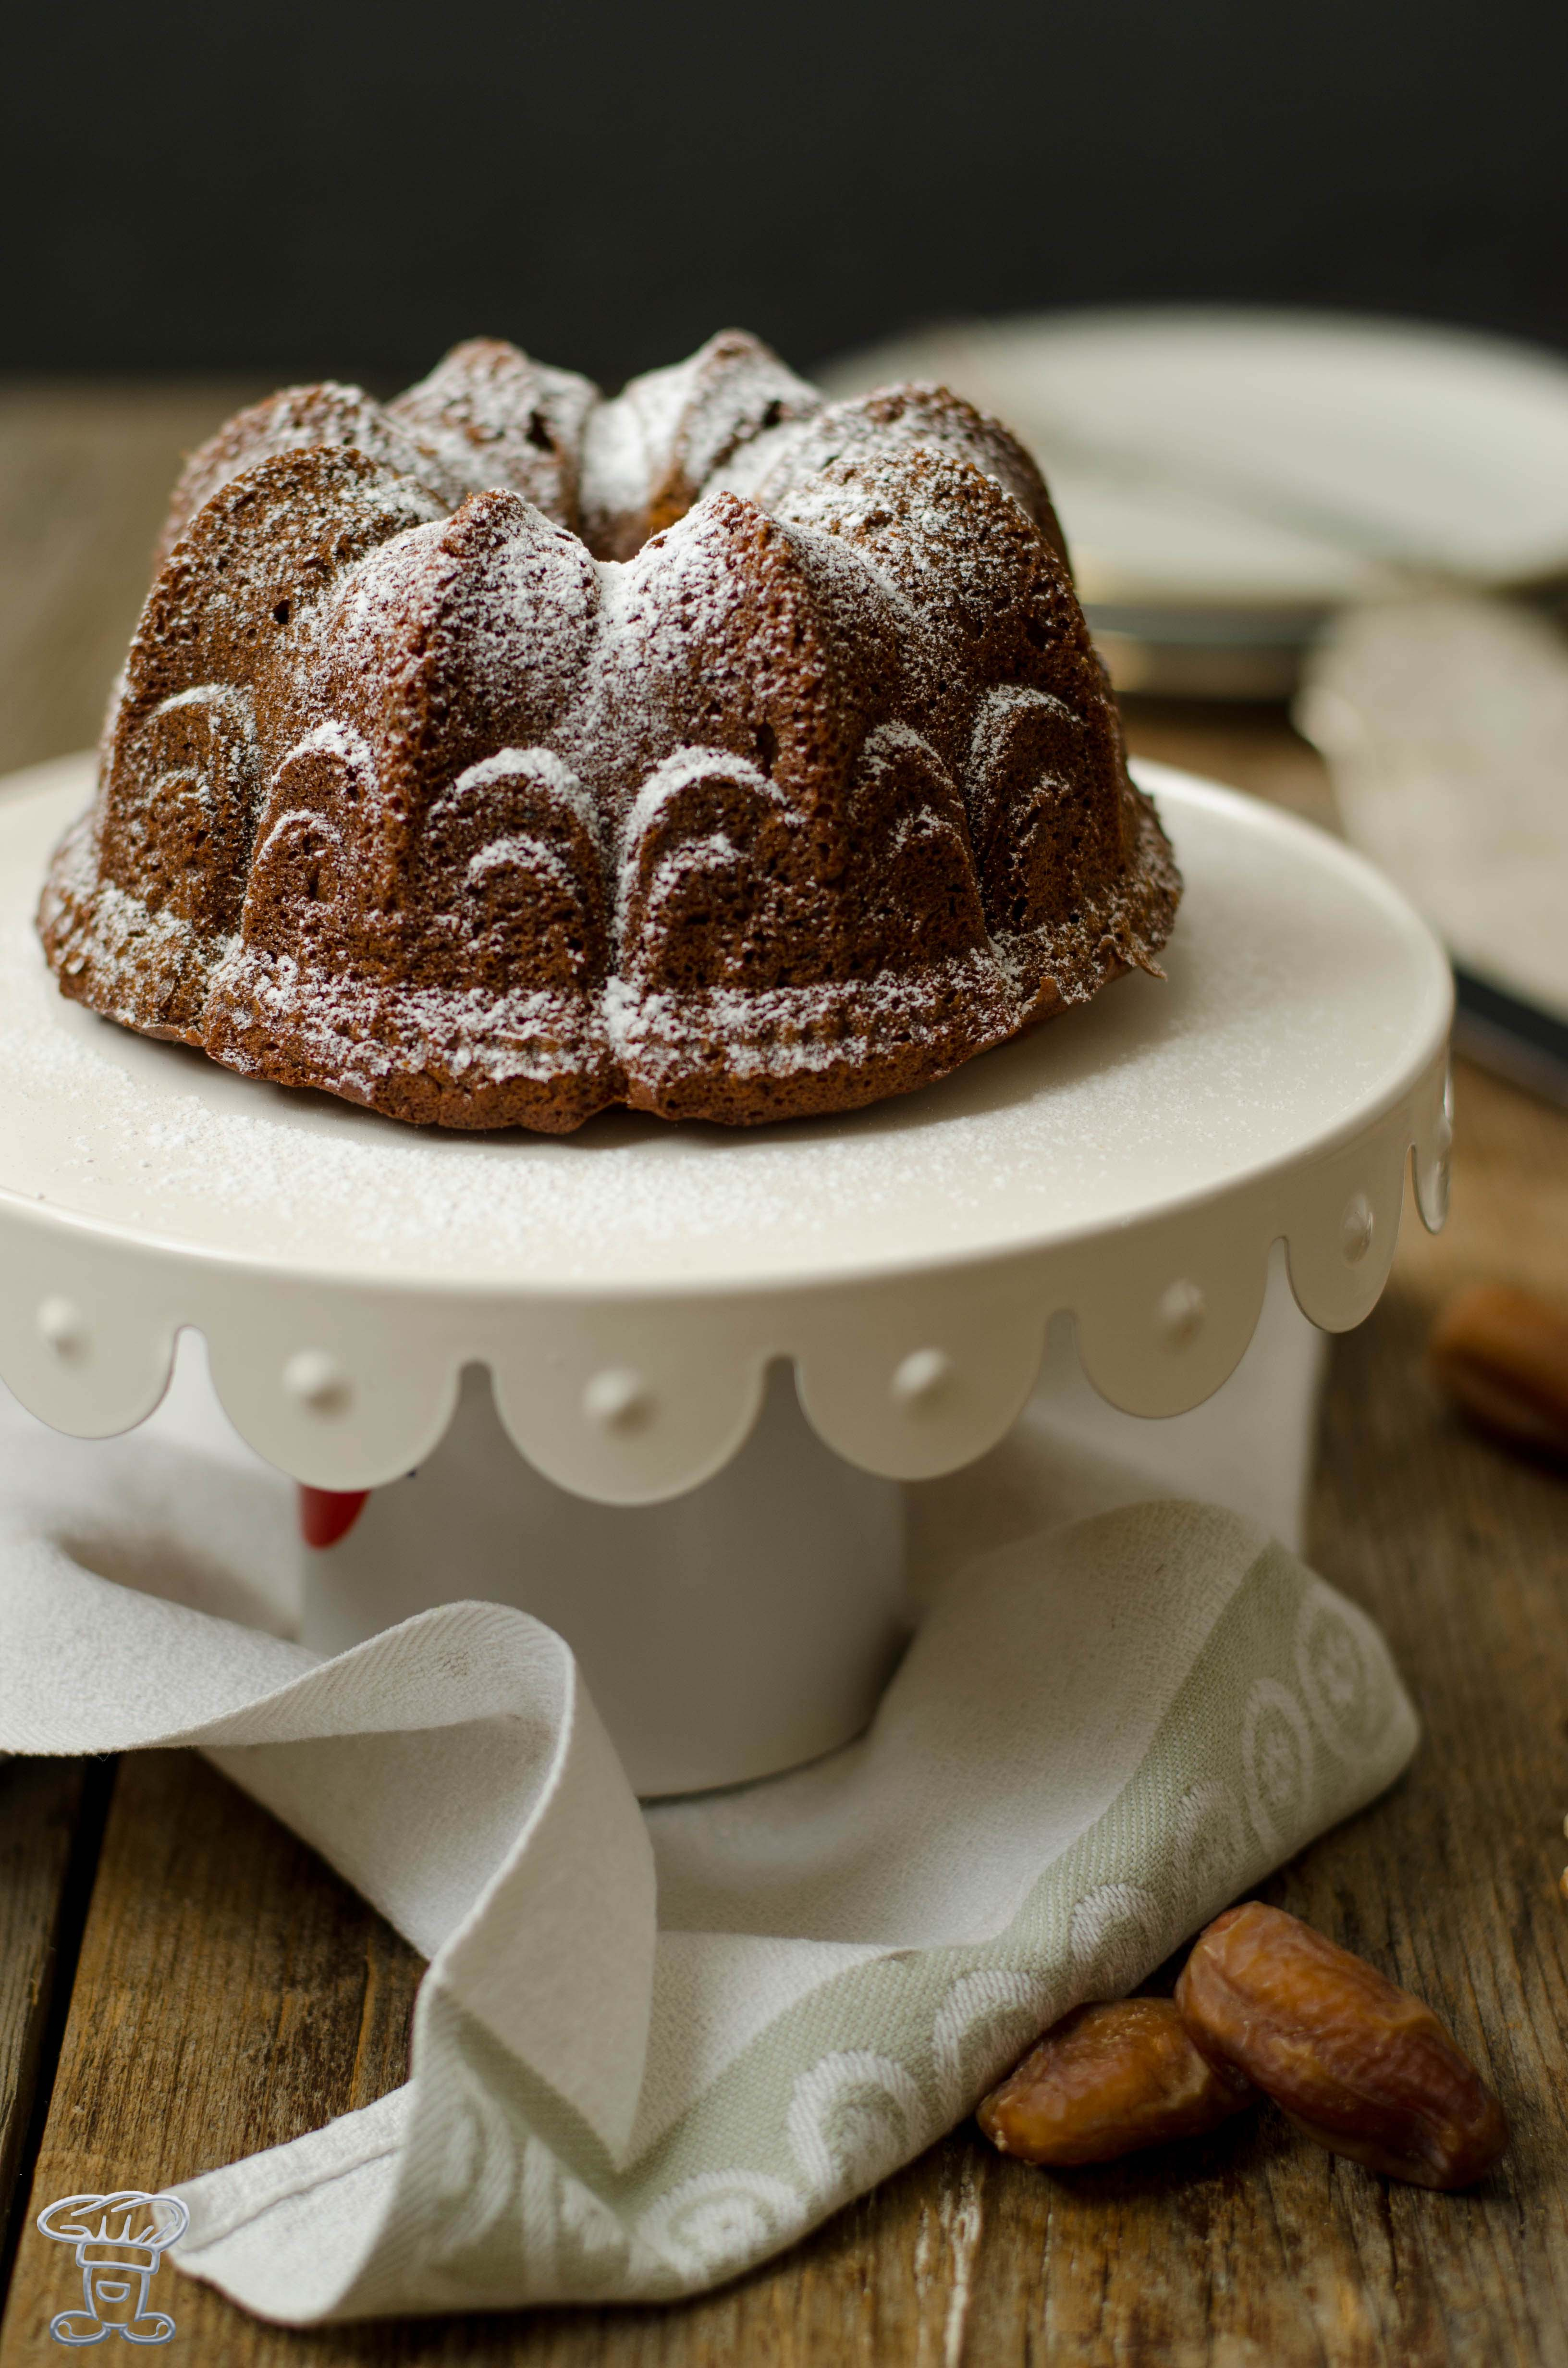 Cake_datteri_miele_castagne2 Cake ai datteri, miele di castagne e te al bergamotto